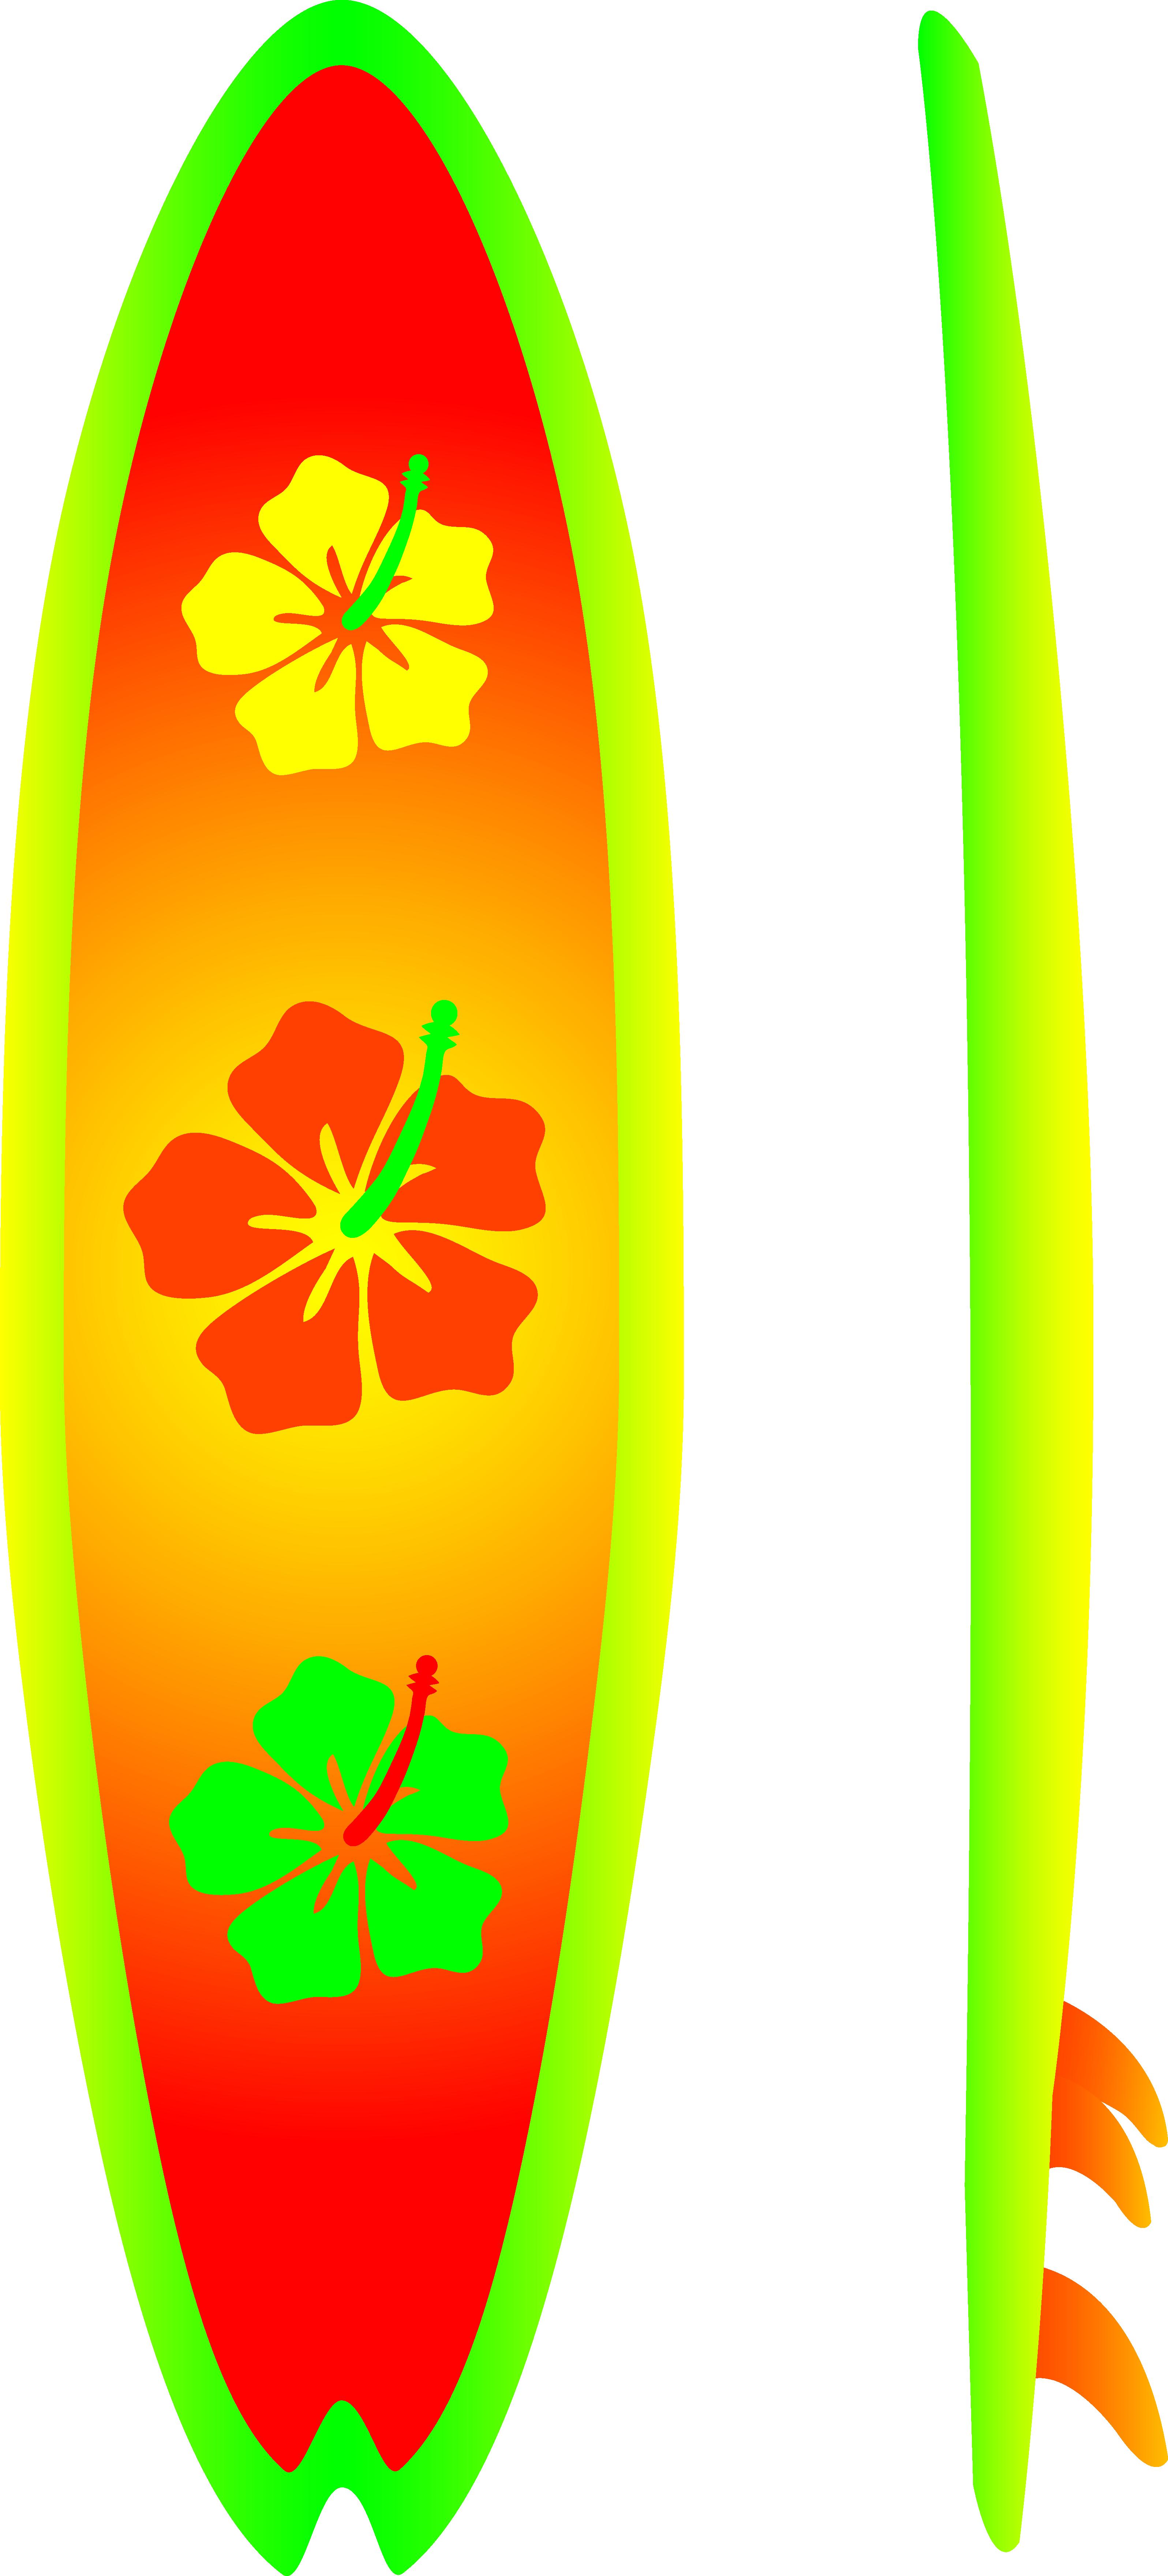 Surfboard Clip Art Free.